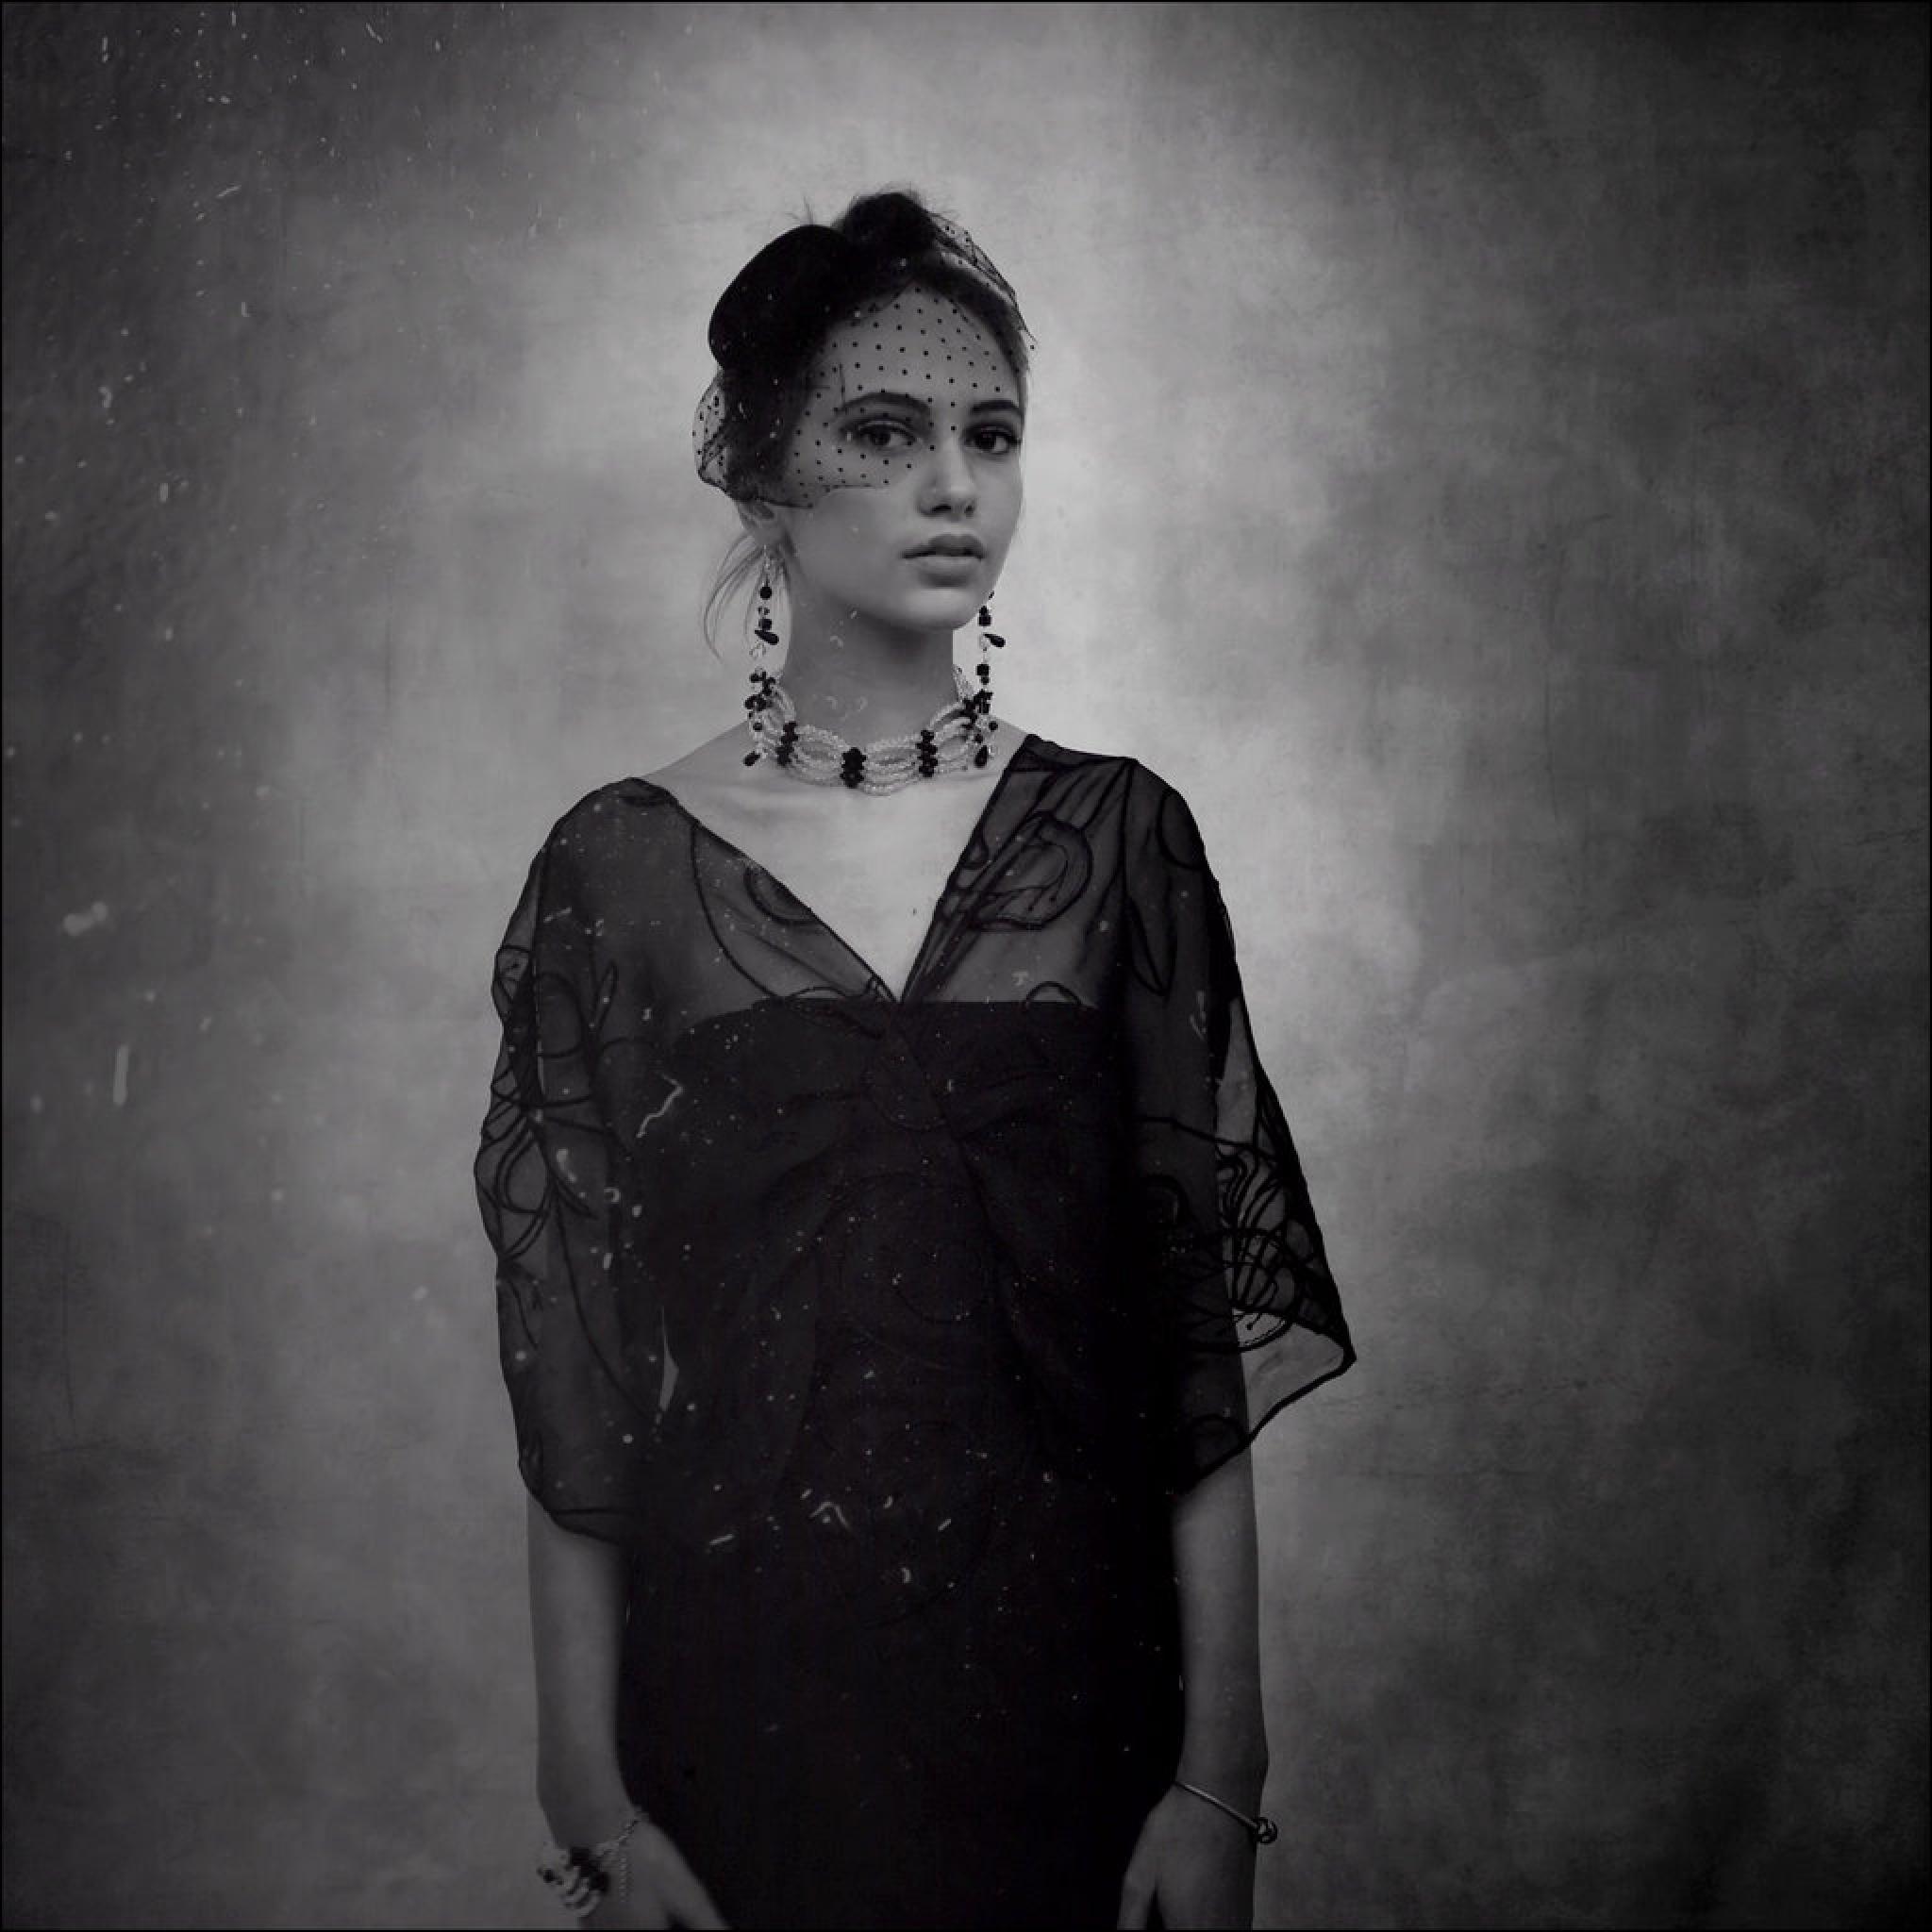 alone in the gray color  by Vesna Stojkovic